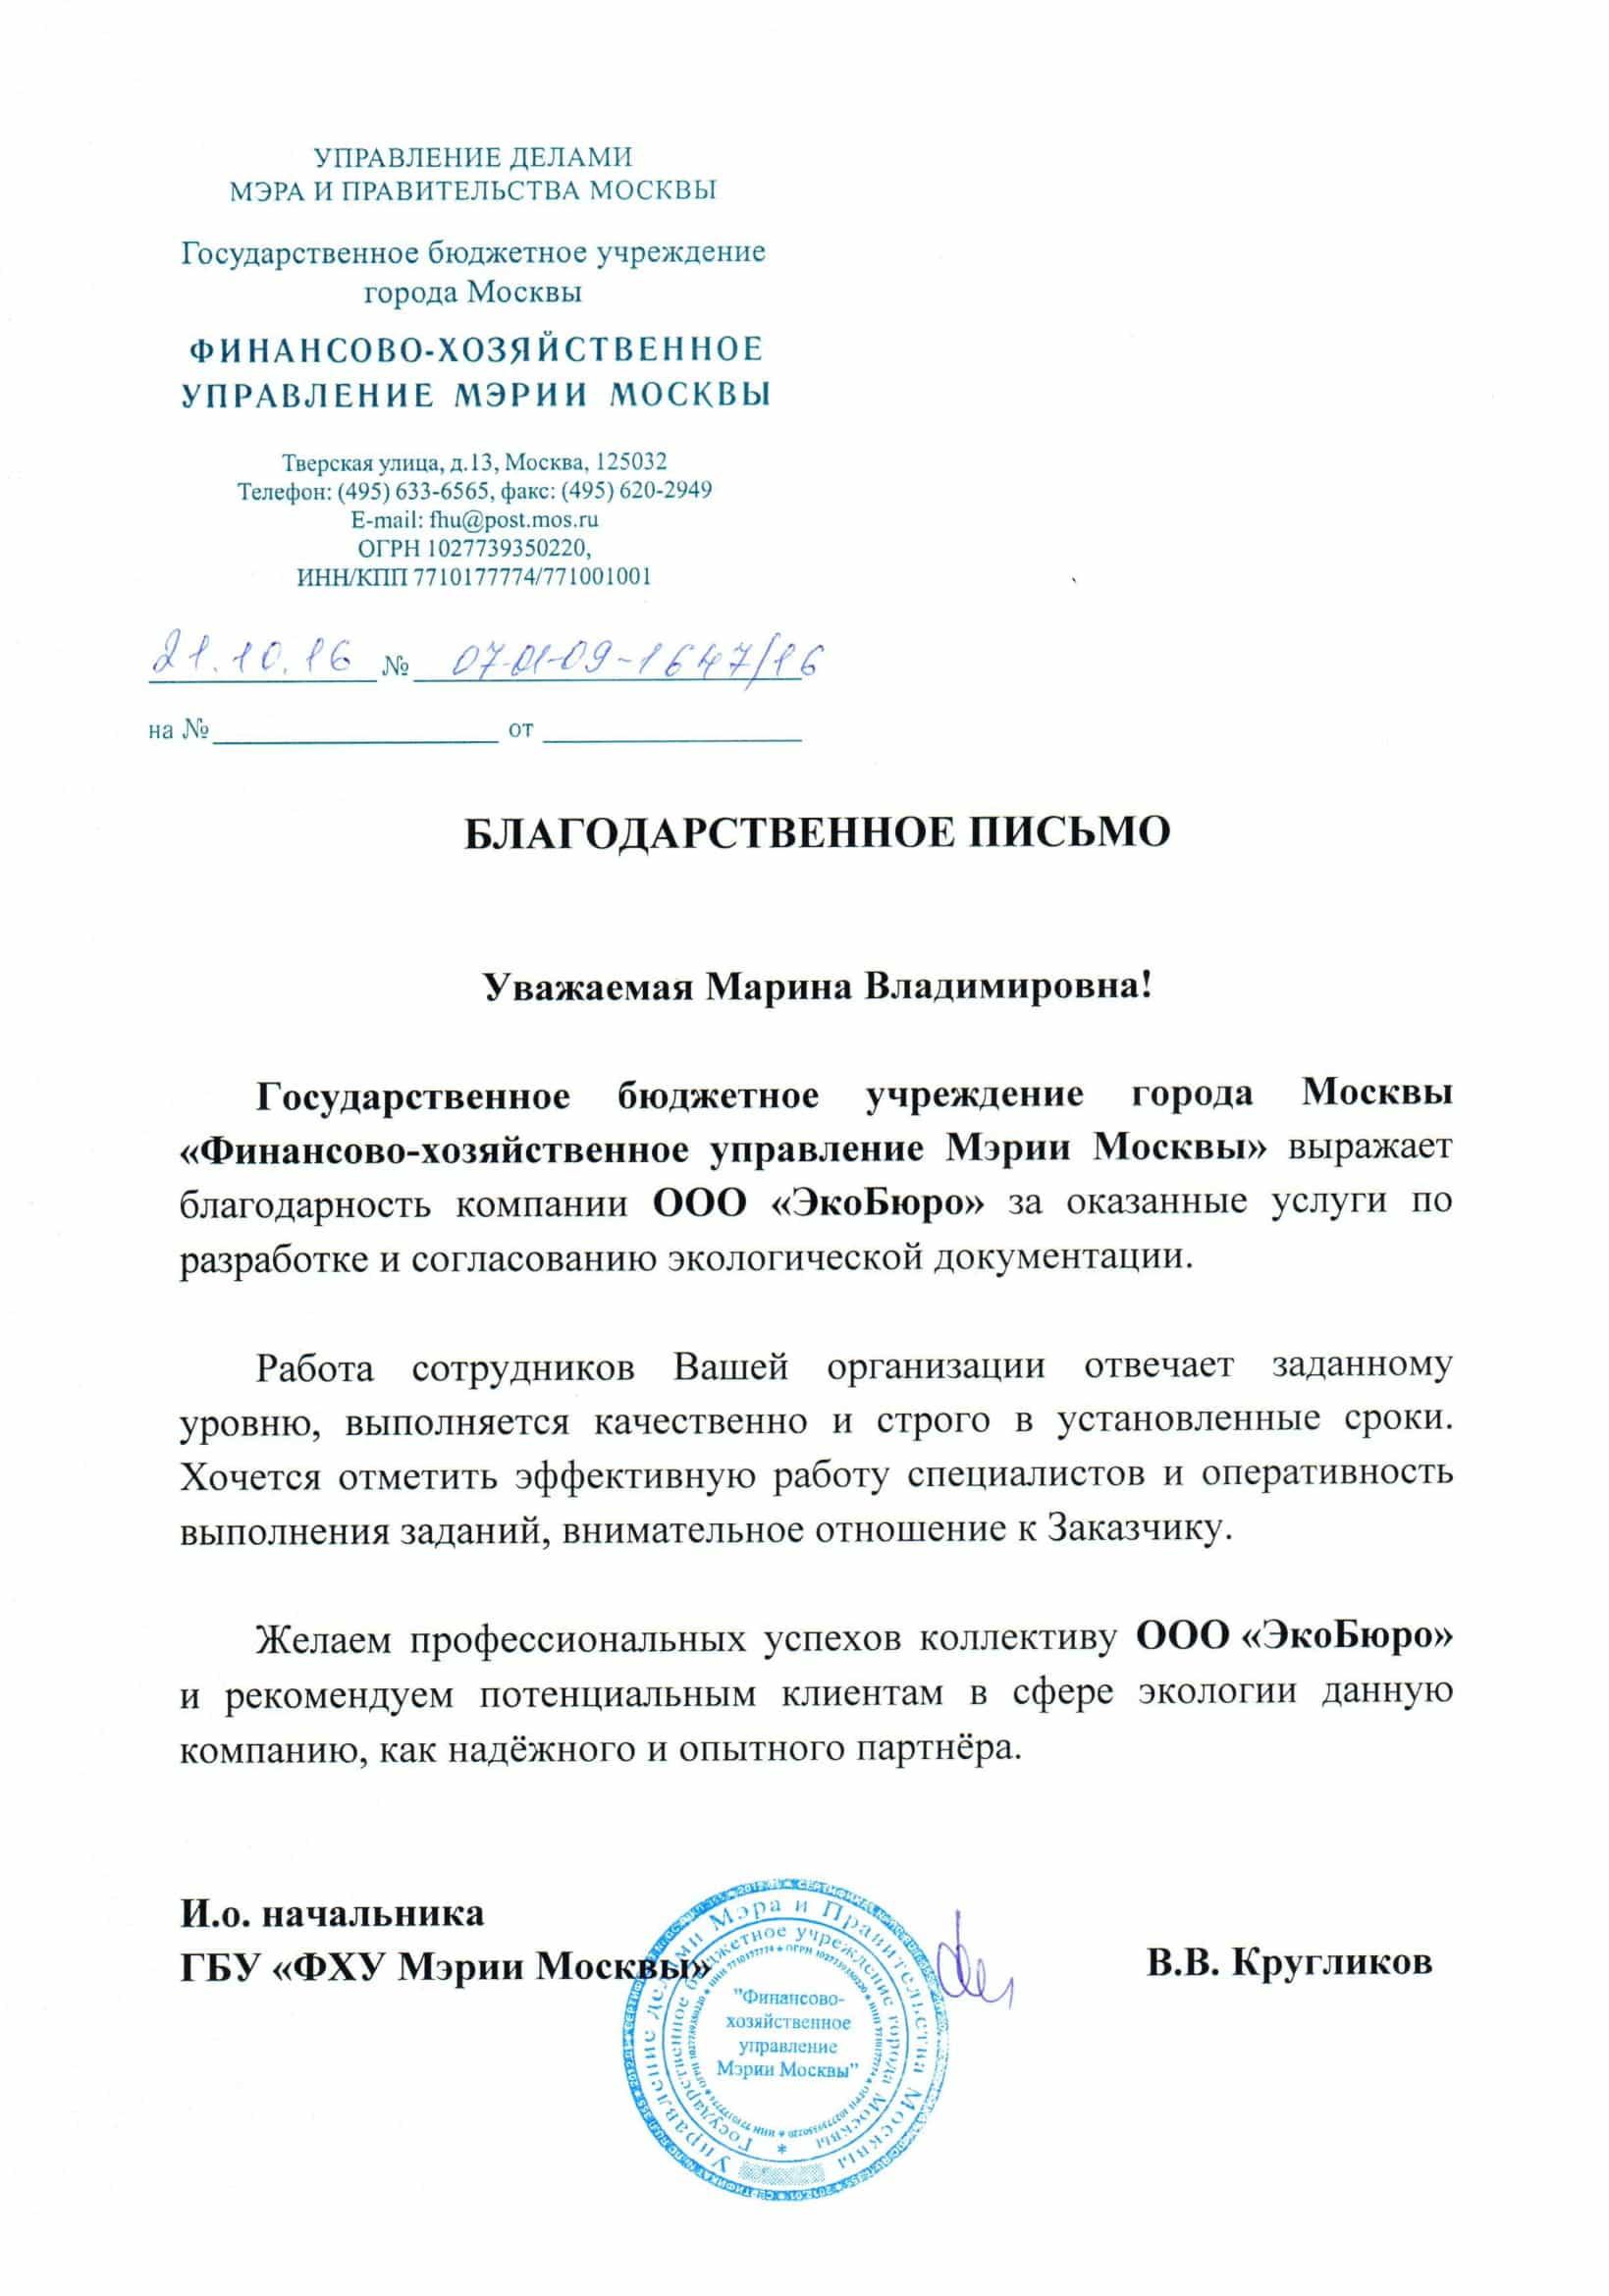 Благодарственное письмо ГБУ ФХУ Мэрии Москвы